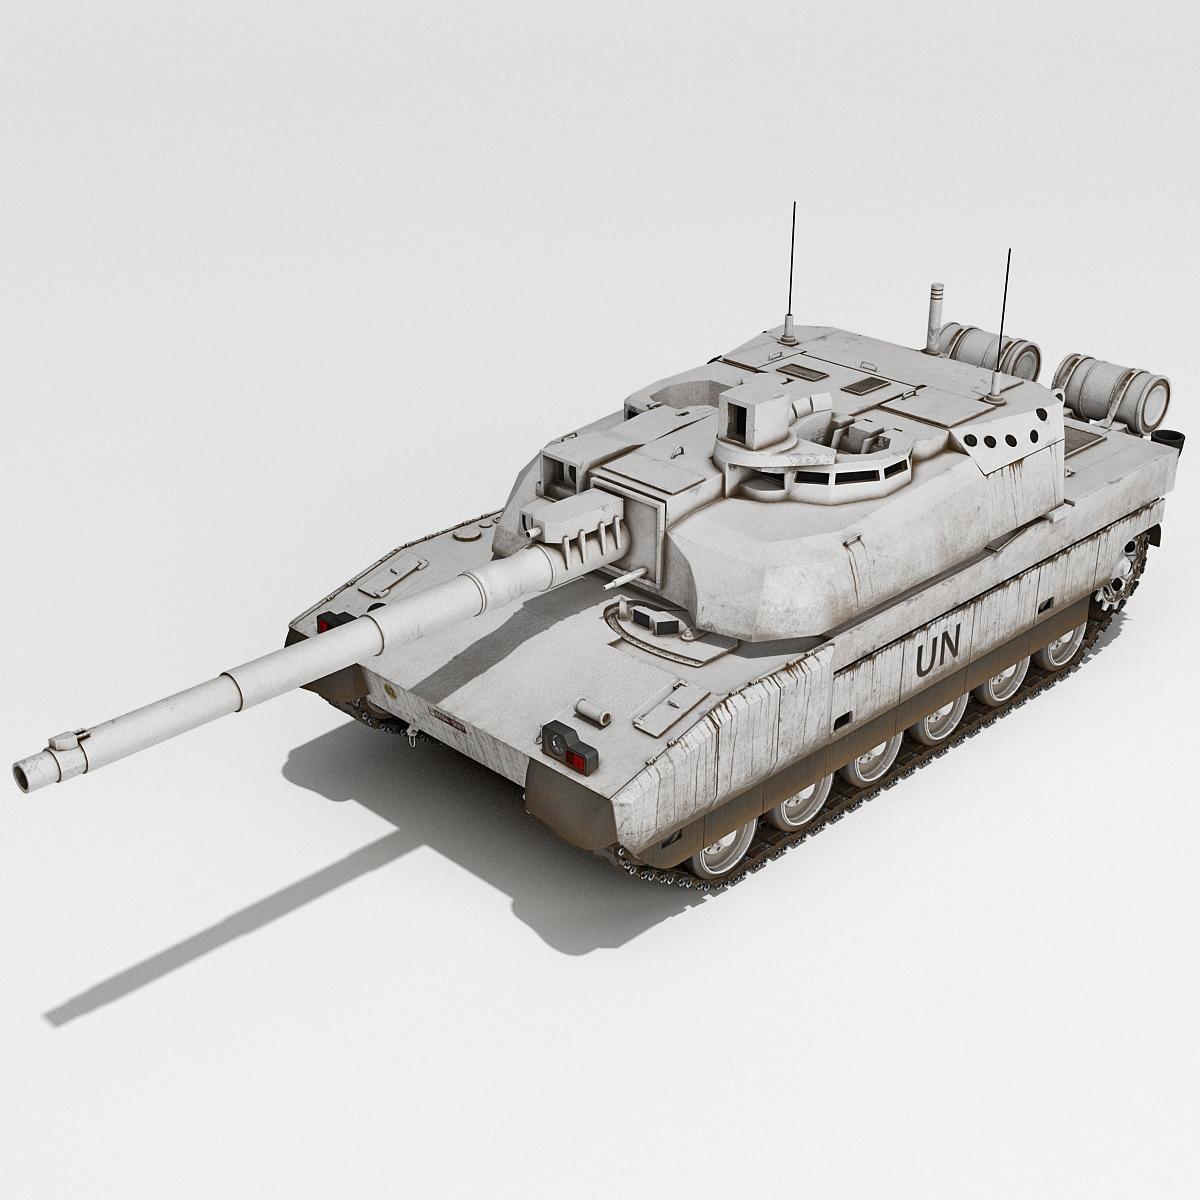 126383_AMX-56_Leclerc_France_Main_Battle_Tank_006.jpg